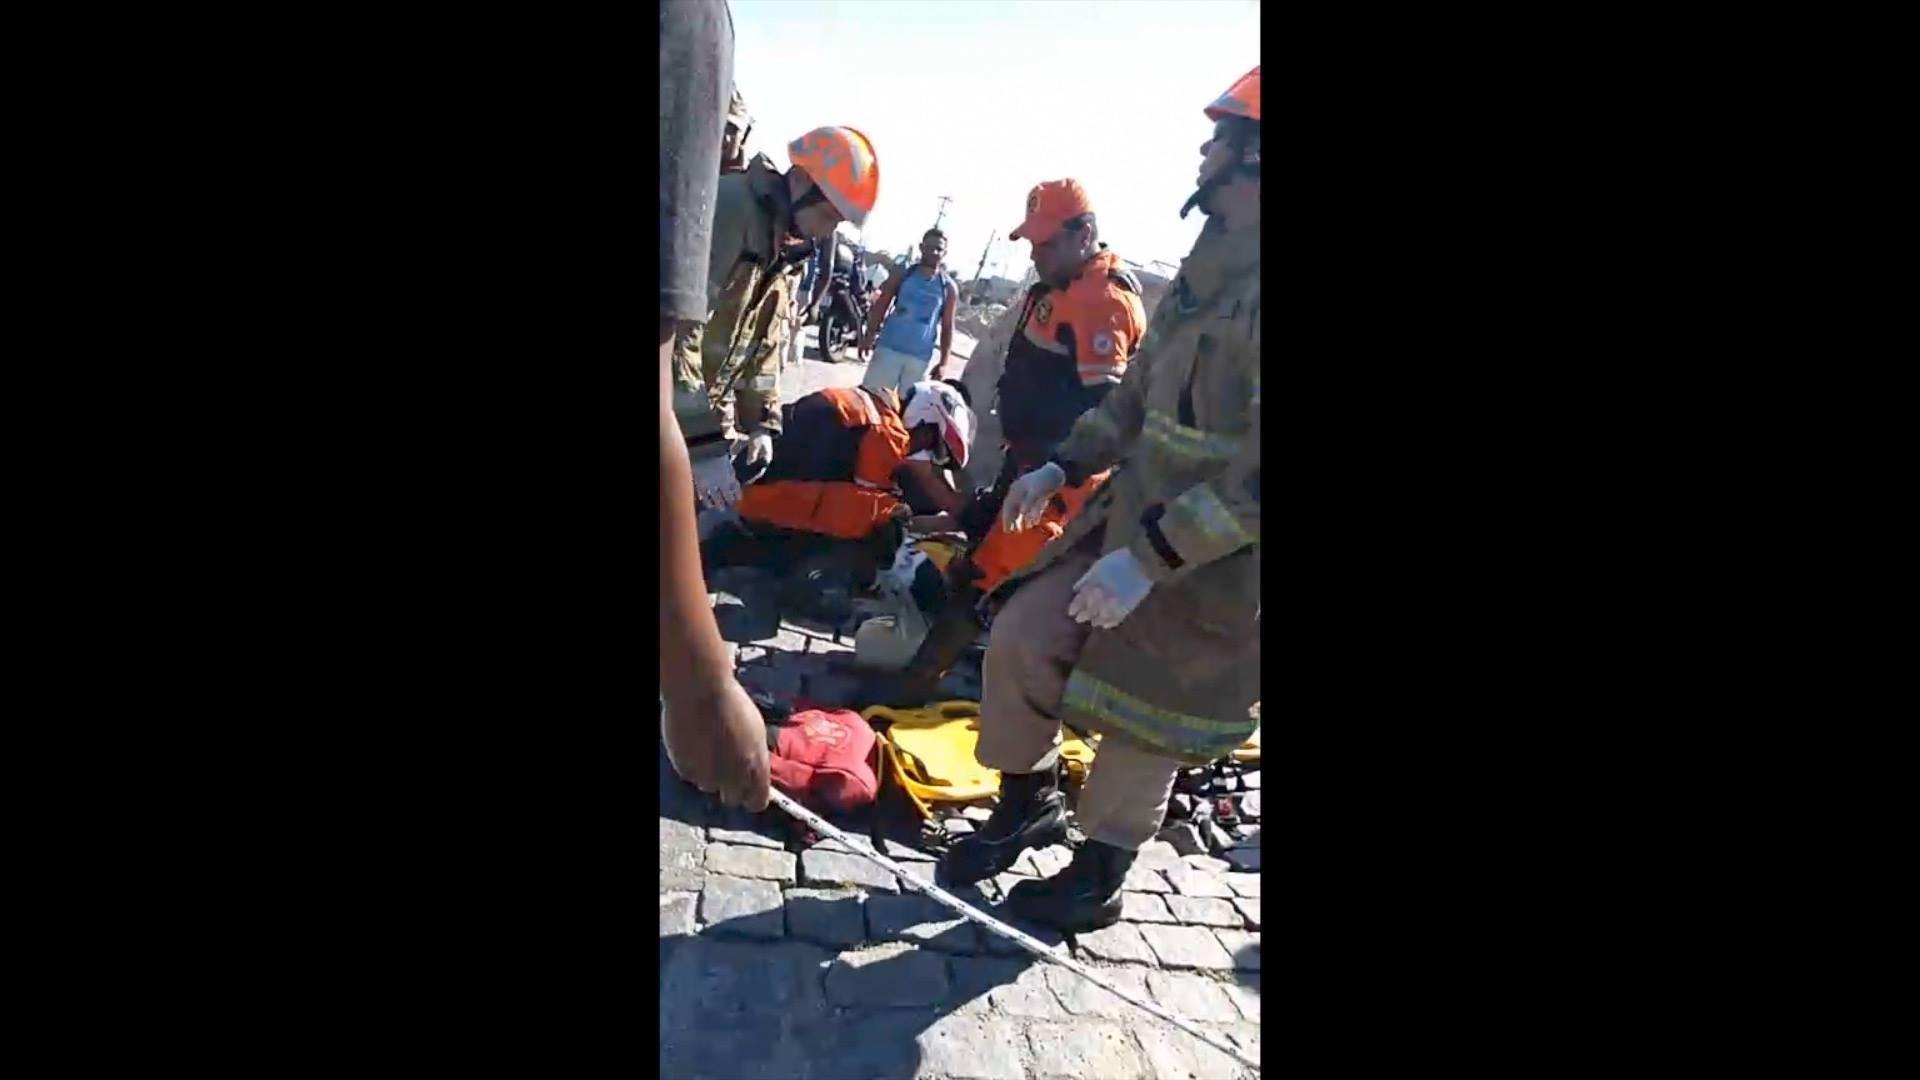 Motociclista tem perna decepada em colisão com carro em Cabo Frio, no RJ - Noticias